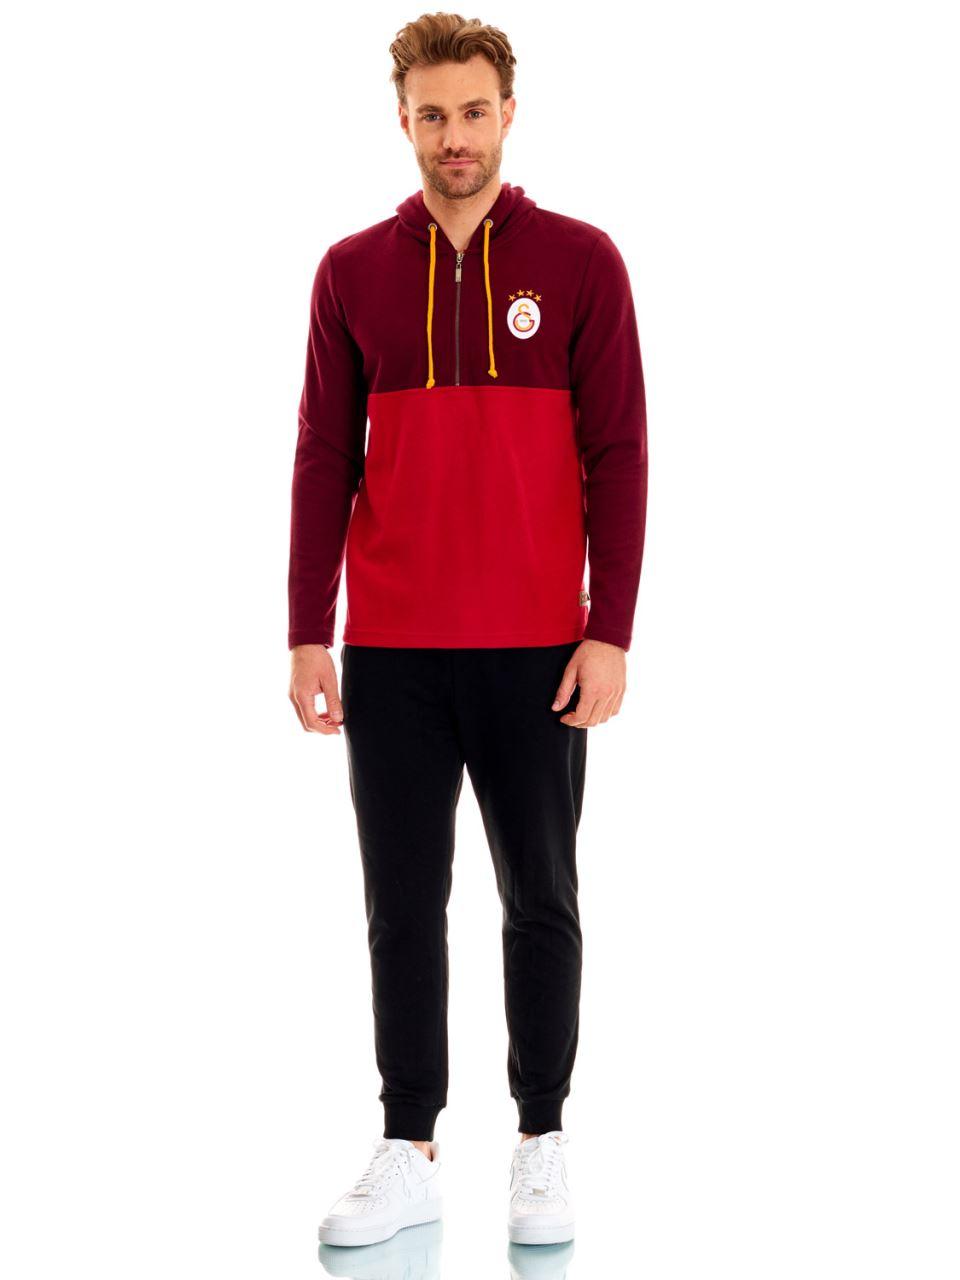 E95281 Sweatshirt